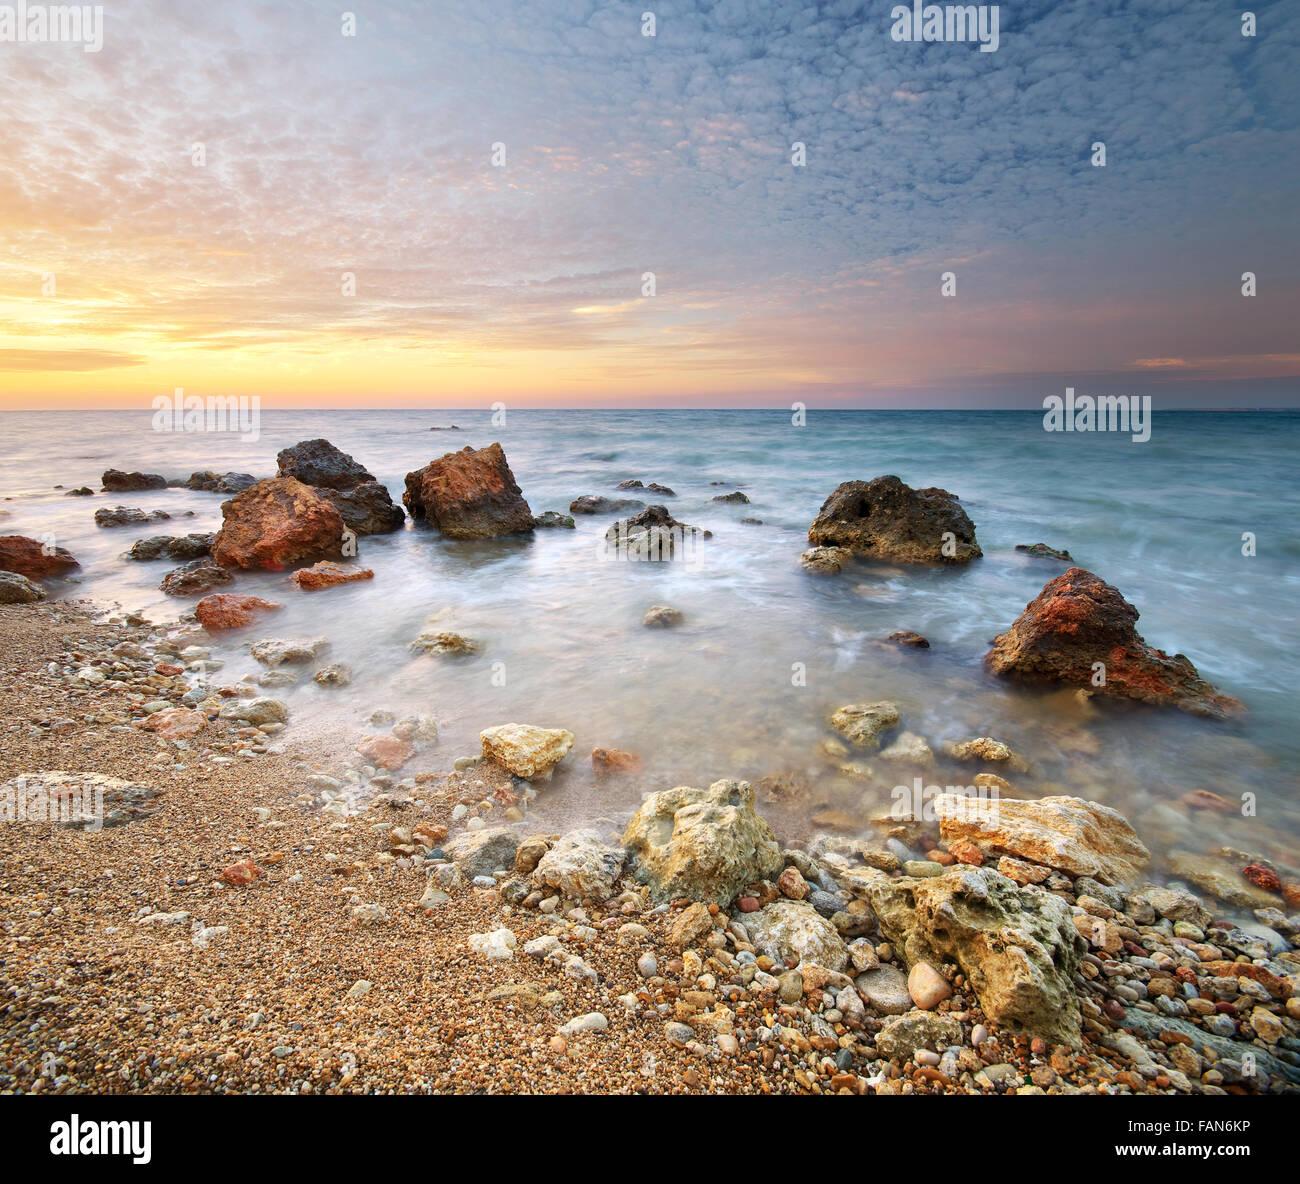 Beau paysage marin. Composition de la nature. Photo Stock